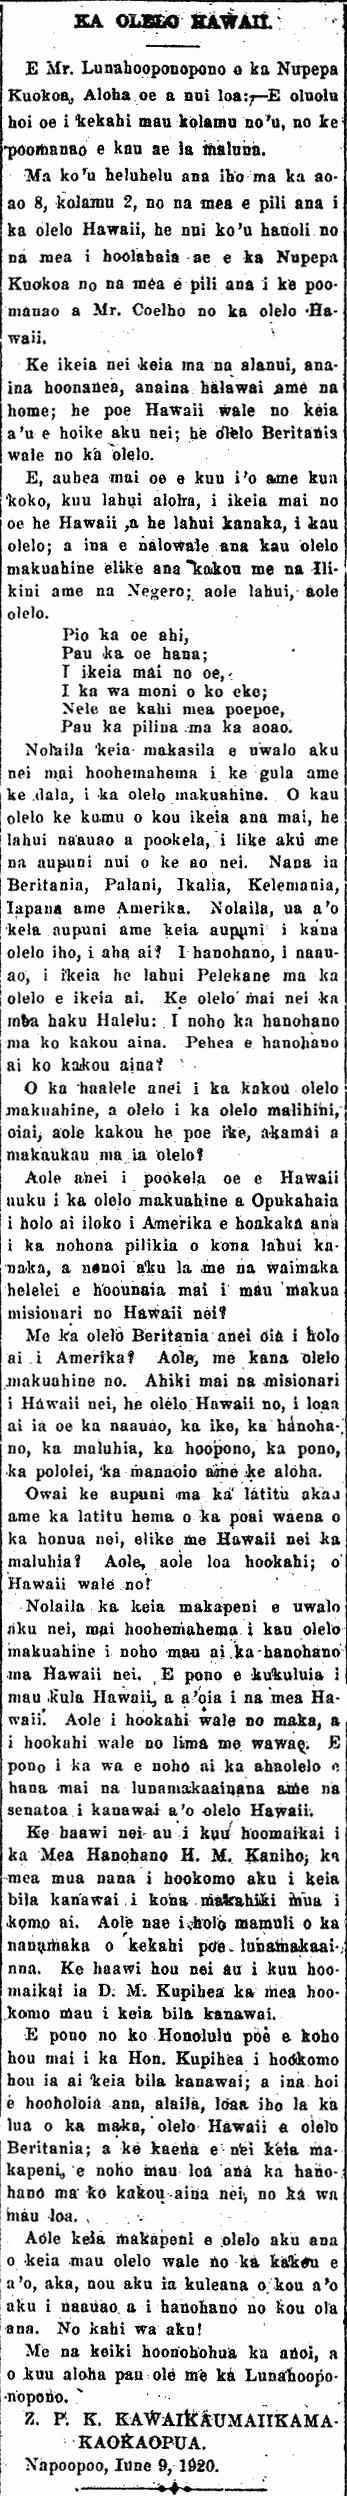 KA OLELO HAWAII.